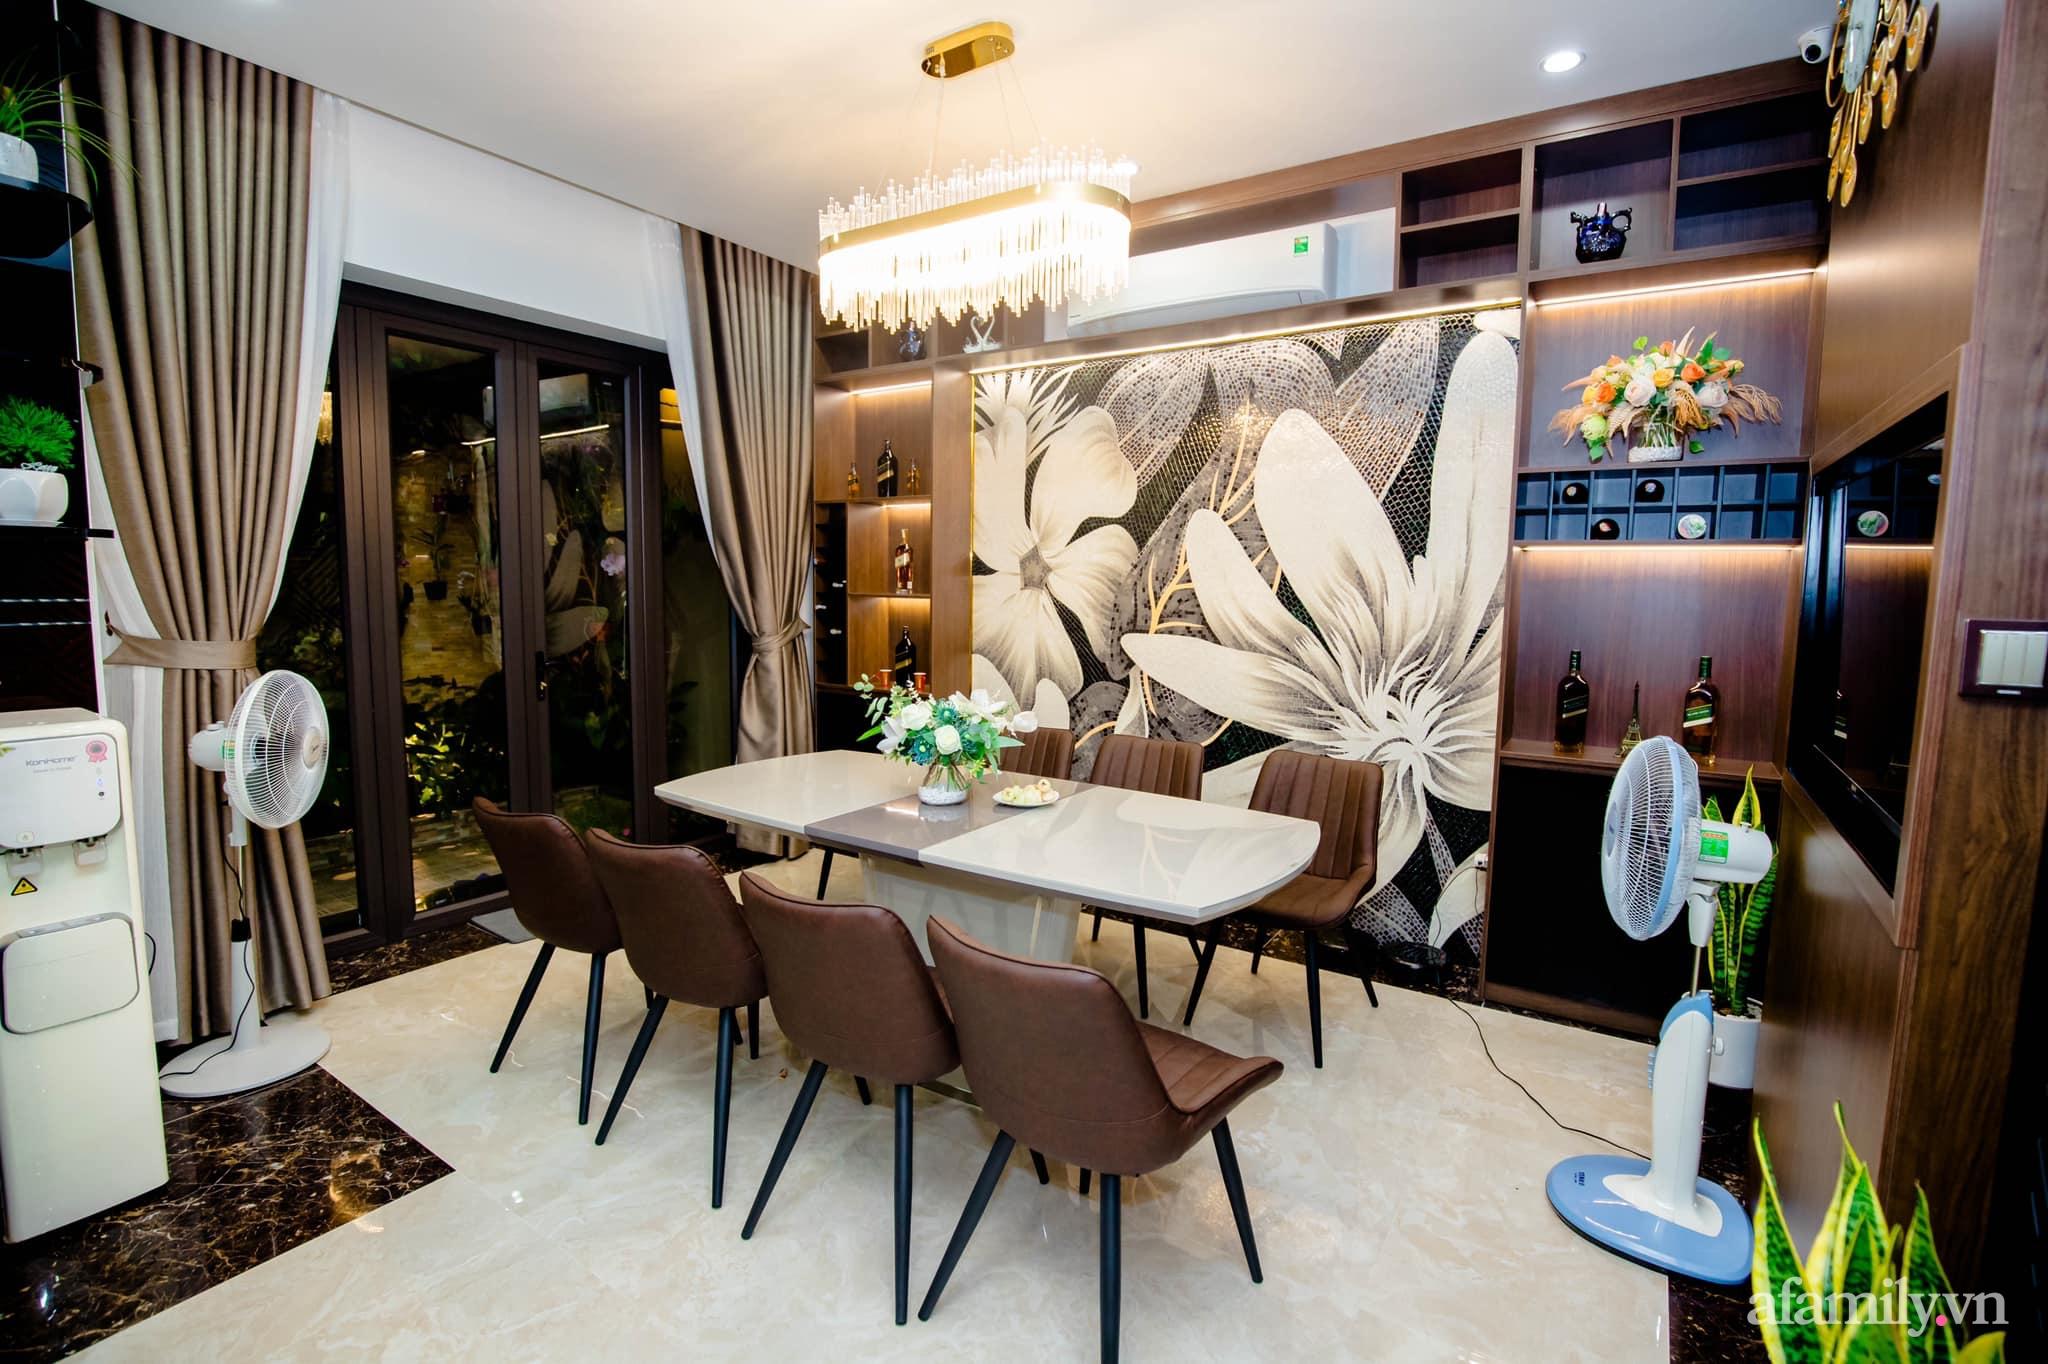 Bóc giá căn bếp đẹp chanh sả được đầu tư toàn đồ xịn sò với tổng chi phí gần 200 triệu đồng ở Hải Phòng - Ảnh 2.